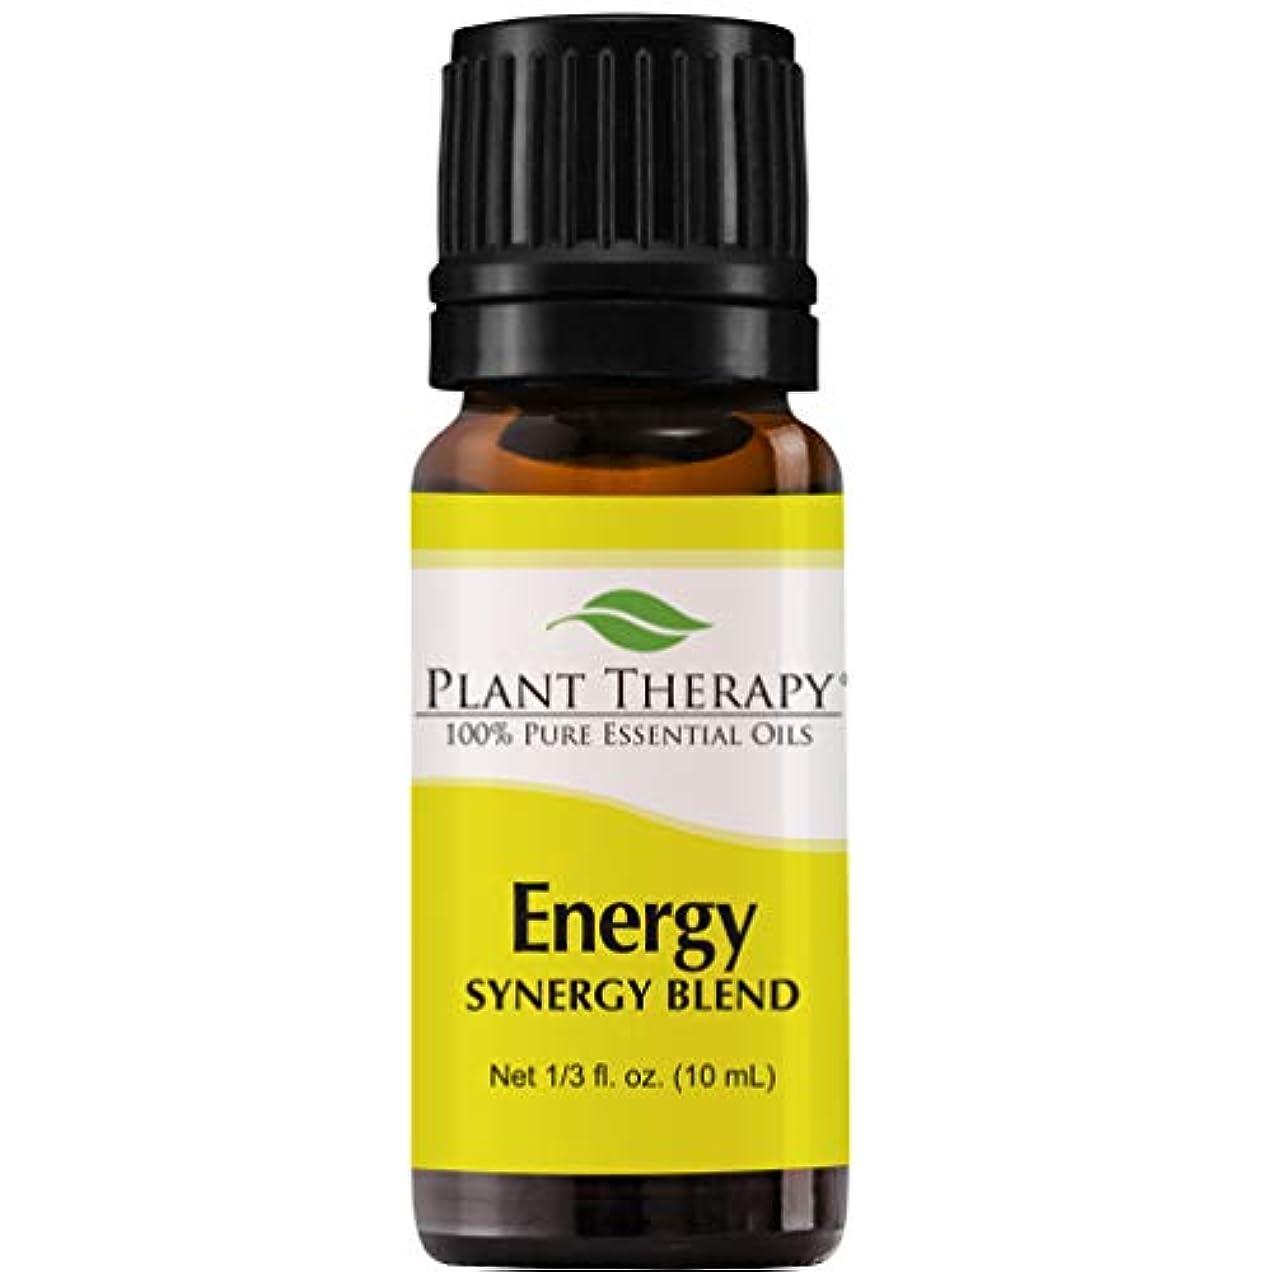 言う期待してくちばしPlant Therapy Essential Oils (プラントセラピー エッセンシャルオイル) エネルギー シネジー エッセンシャルオイル ブレンド (身体的エネルギー)10 ml